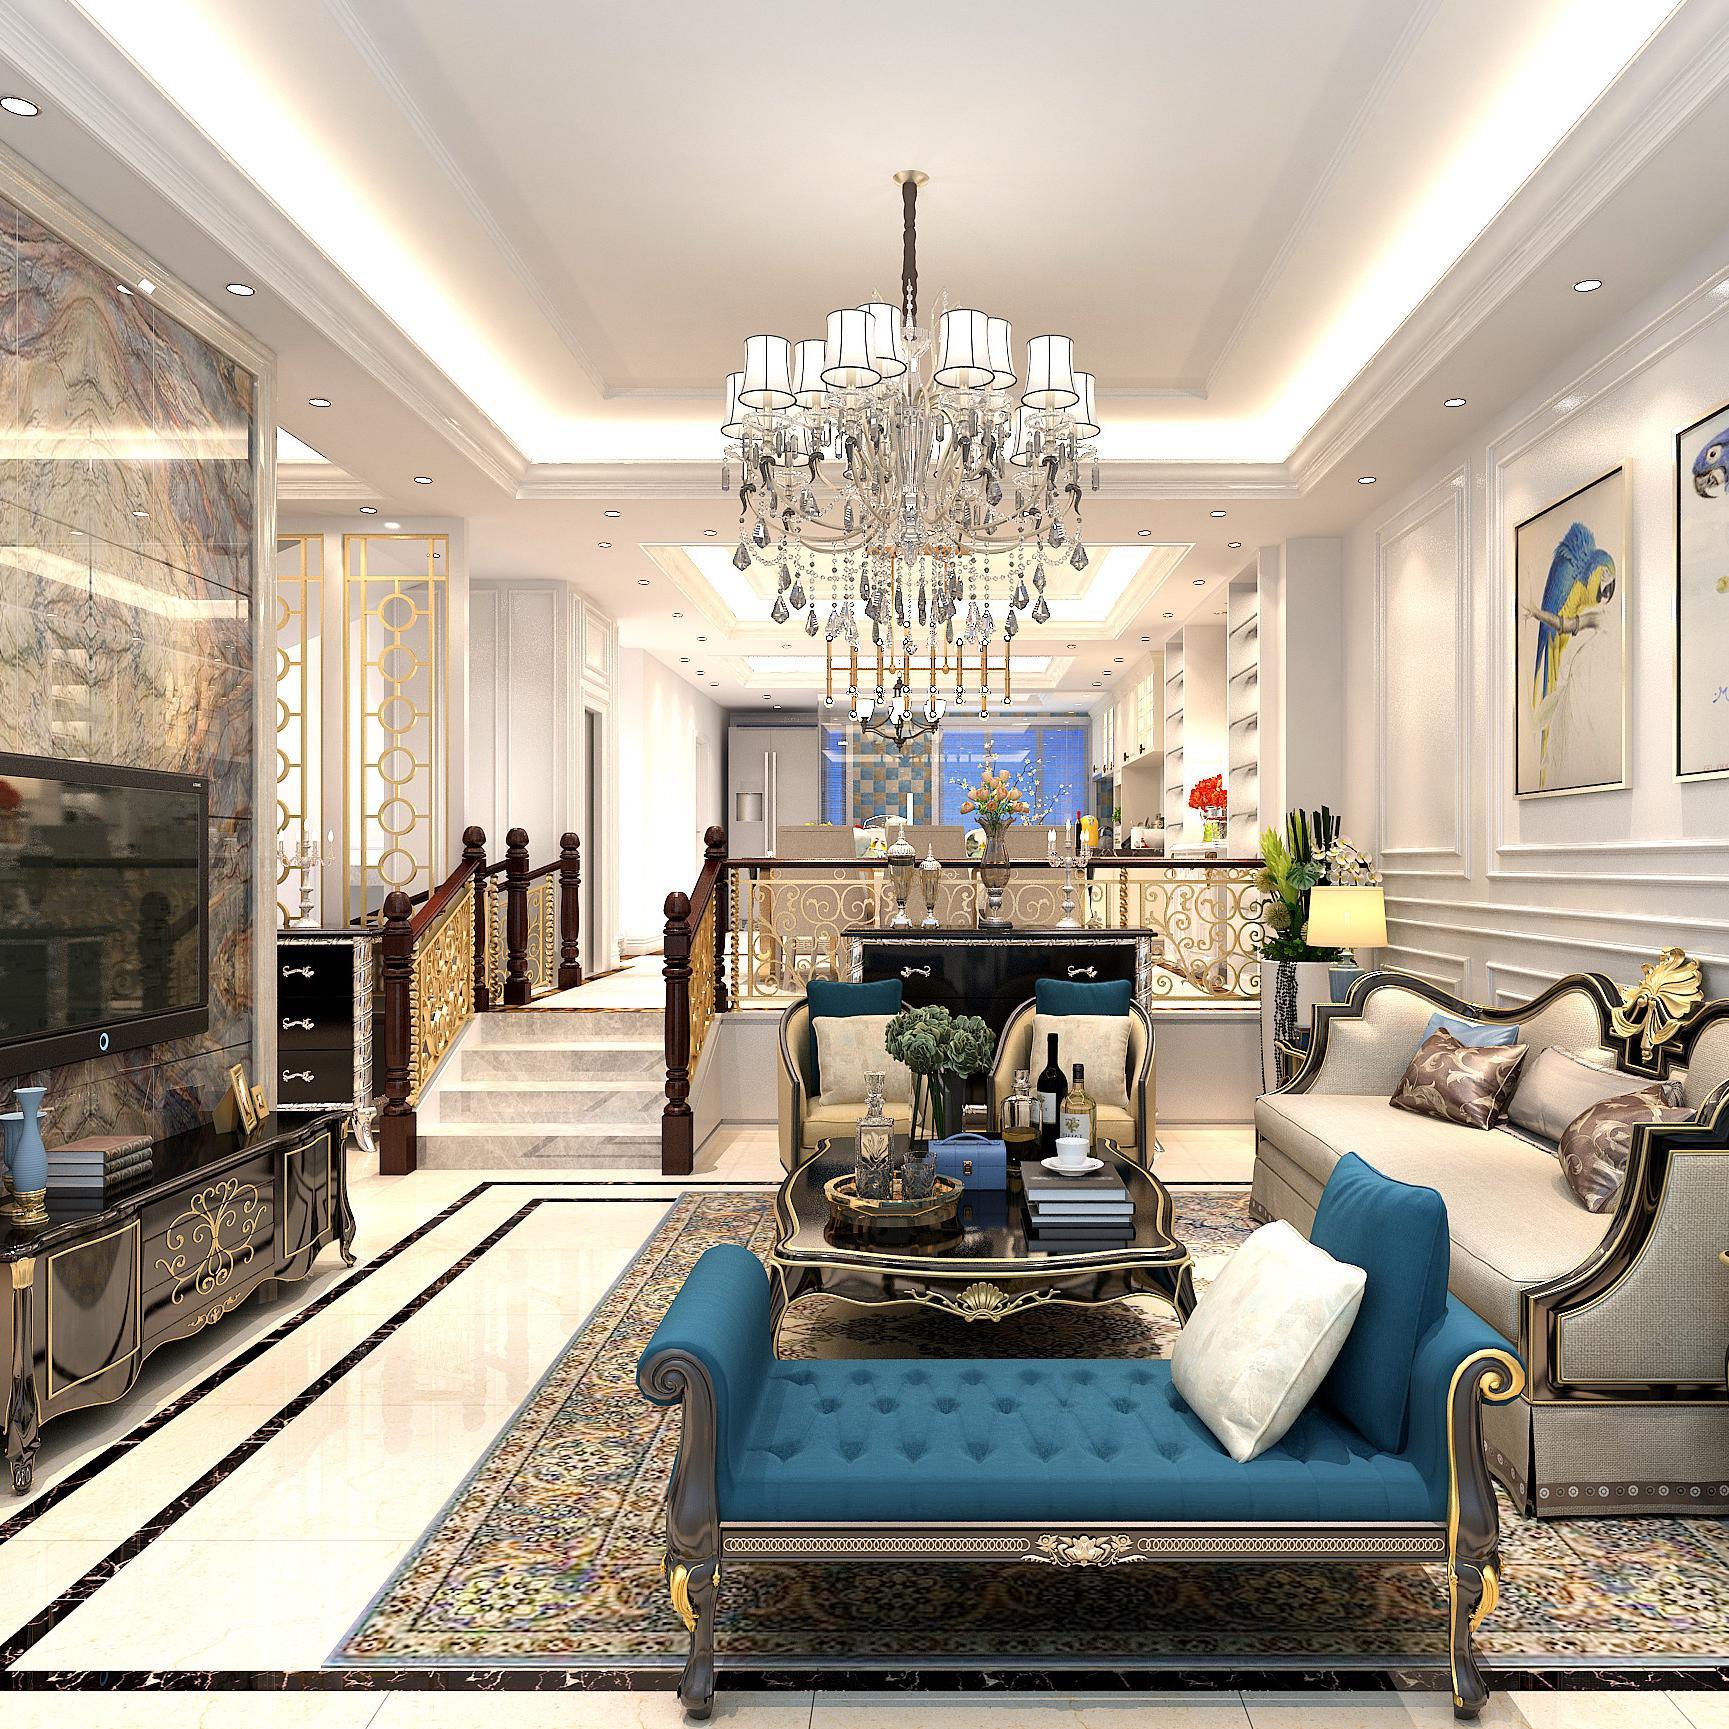 热搜效果图库 别墅窗帘装修效果图 共200套案例  0 混搭风格两居装修